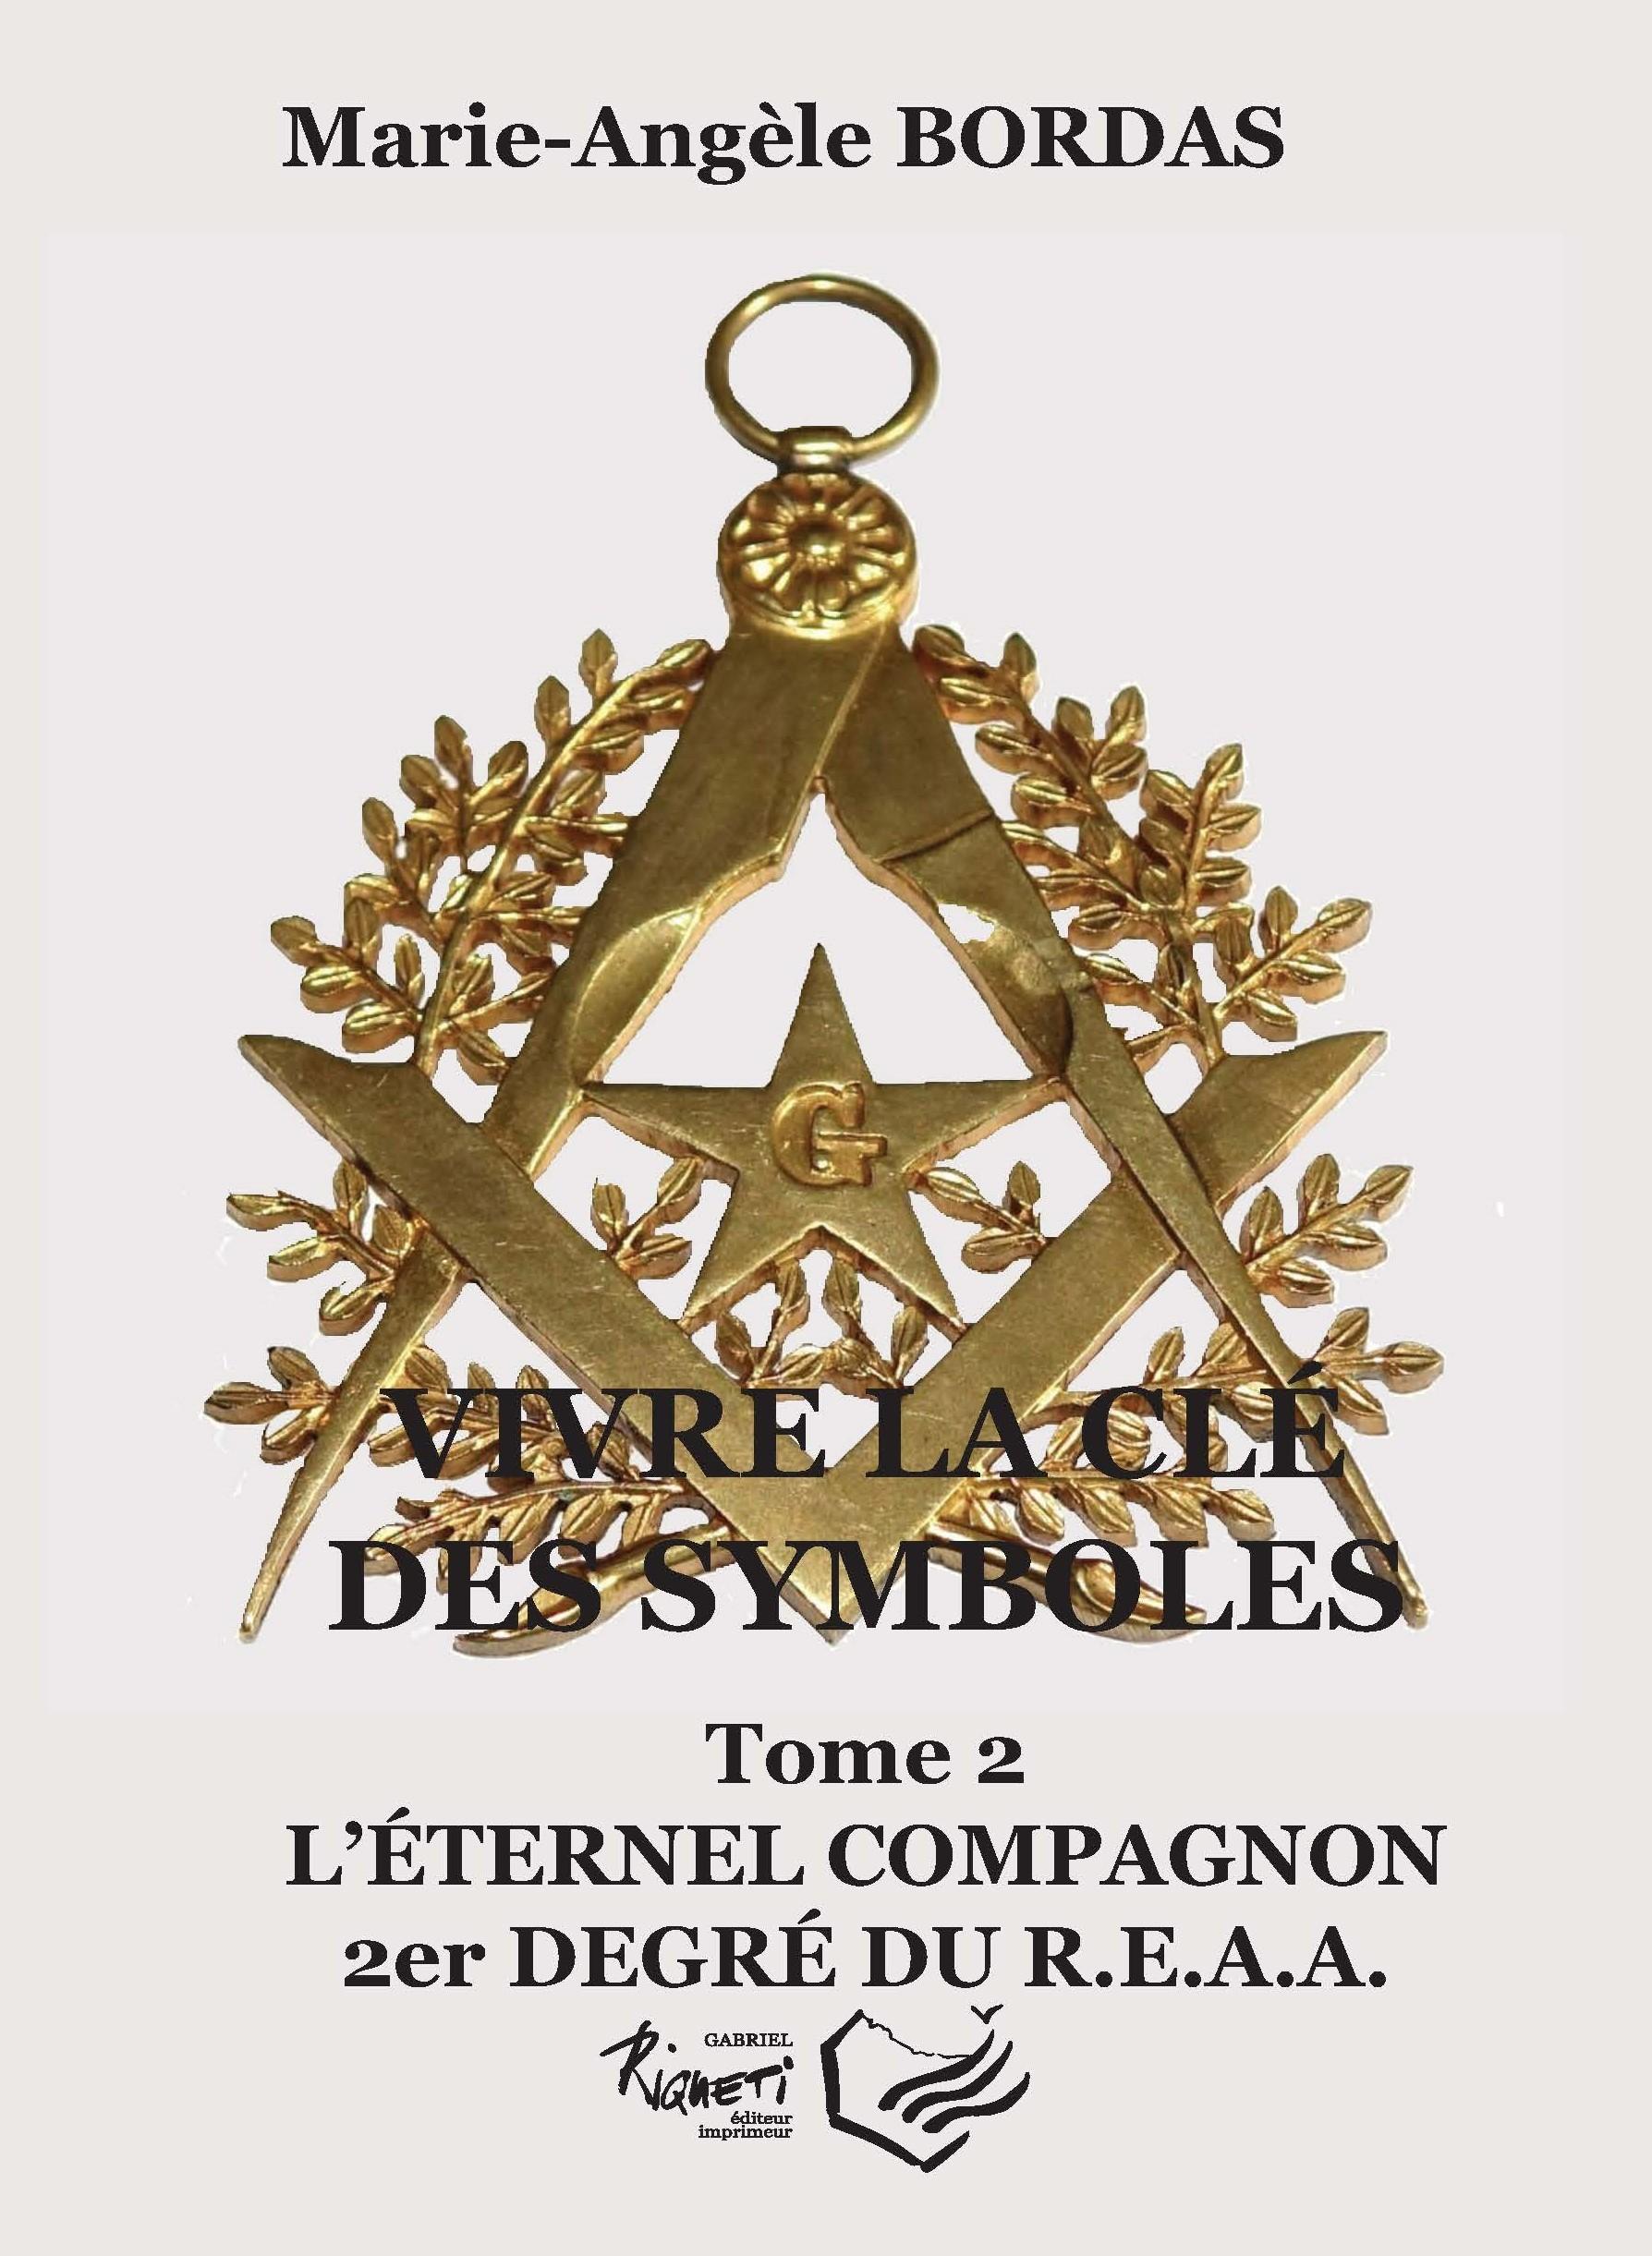 VIVRE LA CLE DES SYMBOLES TOME 2 L'ETERNEL COMPAGNON, 2ER DEGRE DU R.E.A.A.